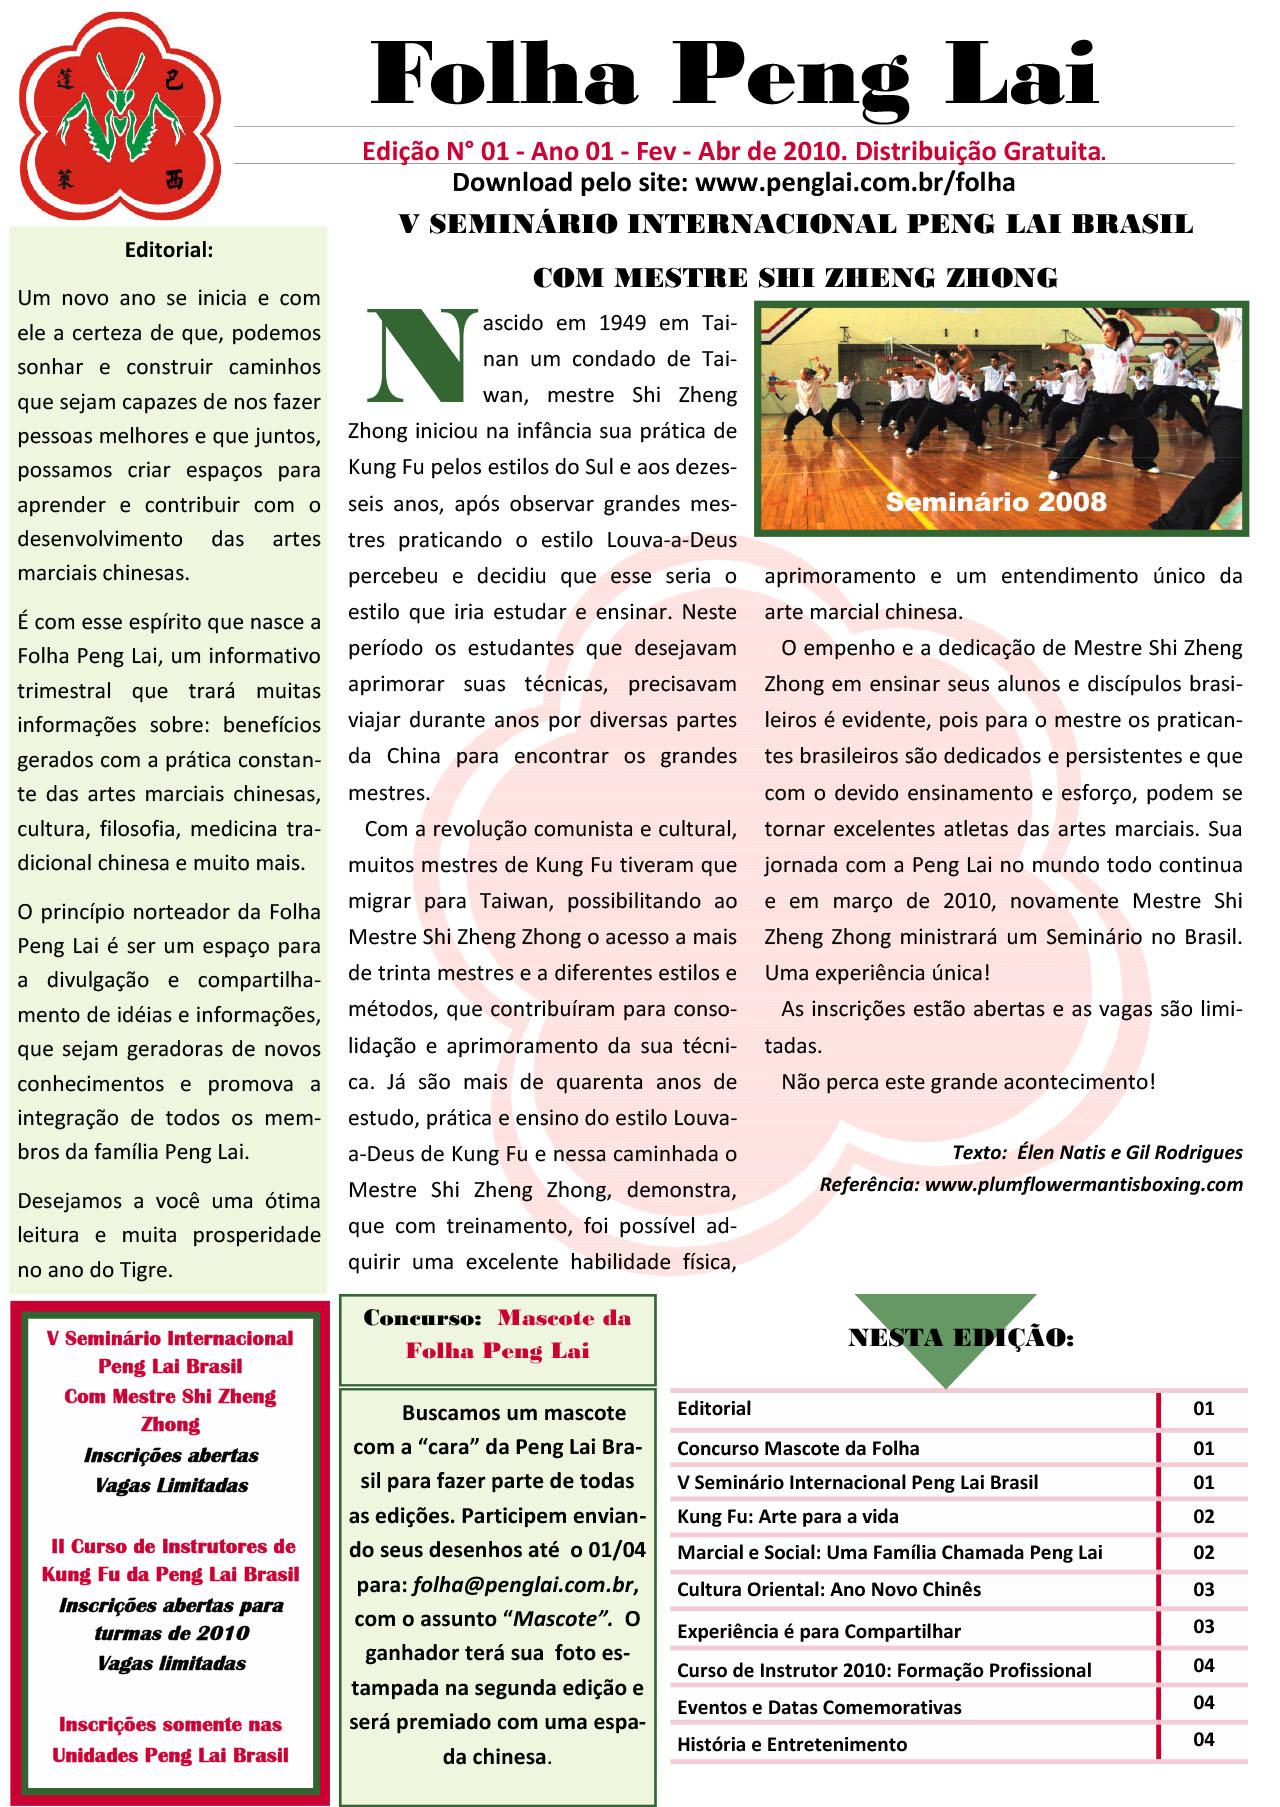 Folha Peng Lai - Edição 1